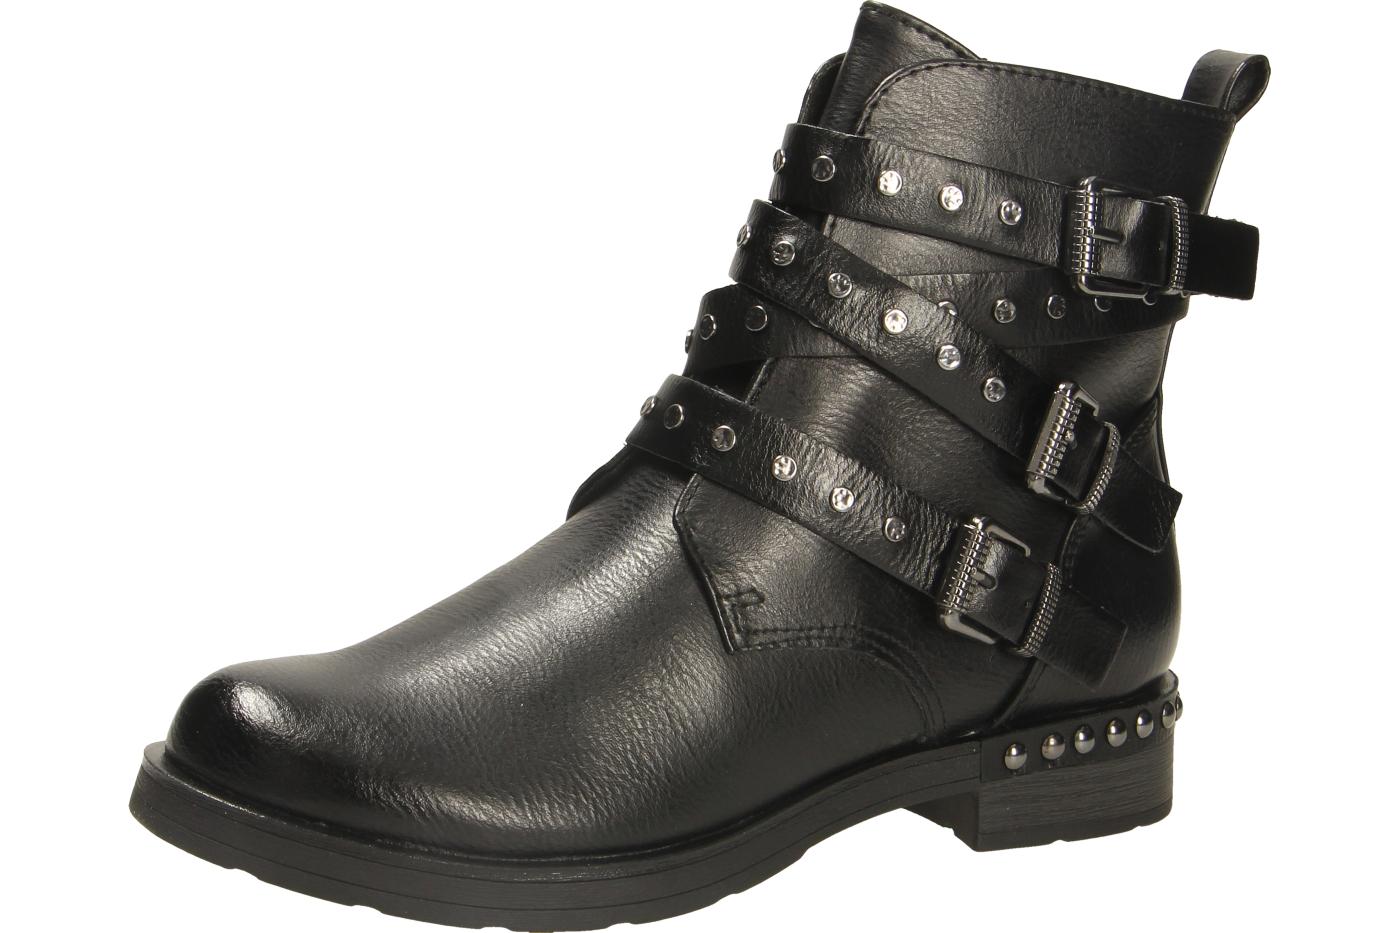 Dockers Stiefel schwarz Gr. 37 in 72138 Kirchentellinsfurt